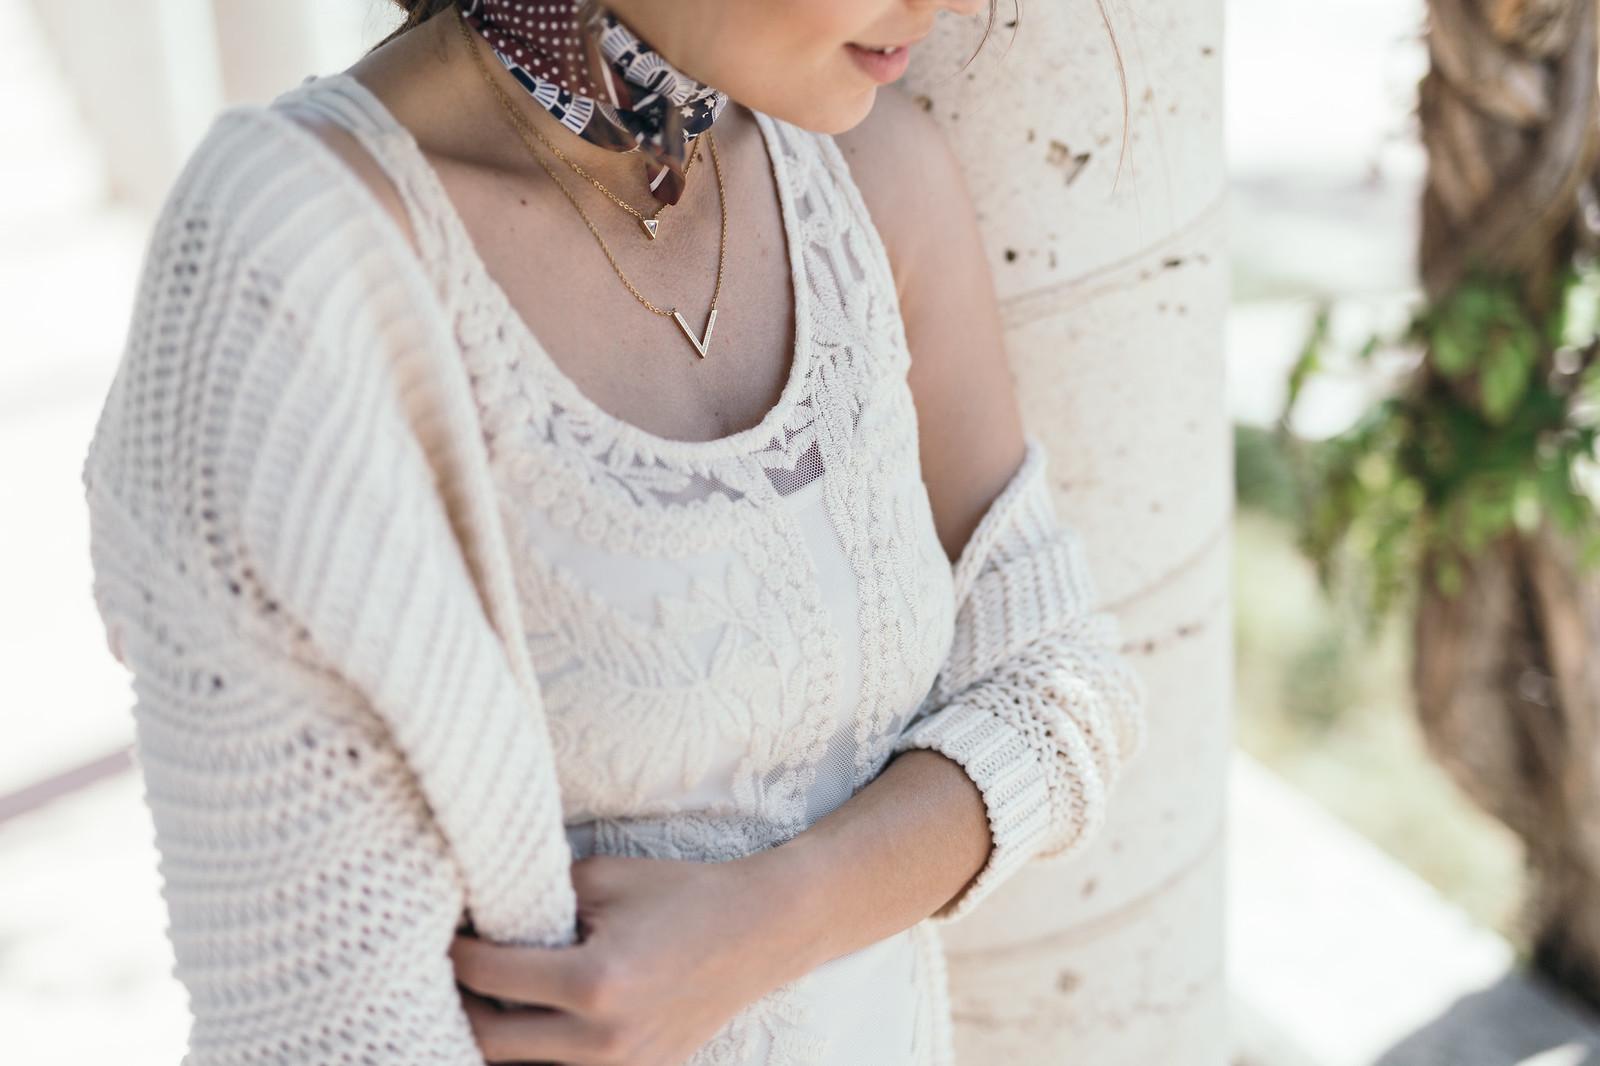 Jessie Chanes - Seams for a desire - El Corte Ingles - Giftlist - Lista de regalos dia de la madre -16